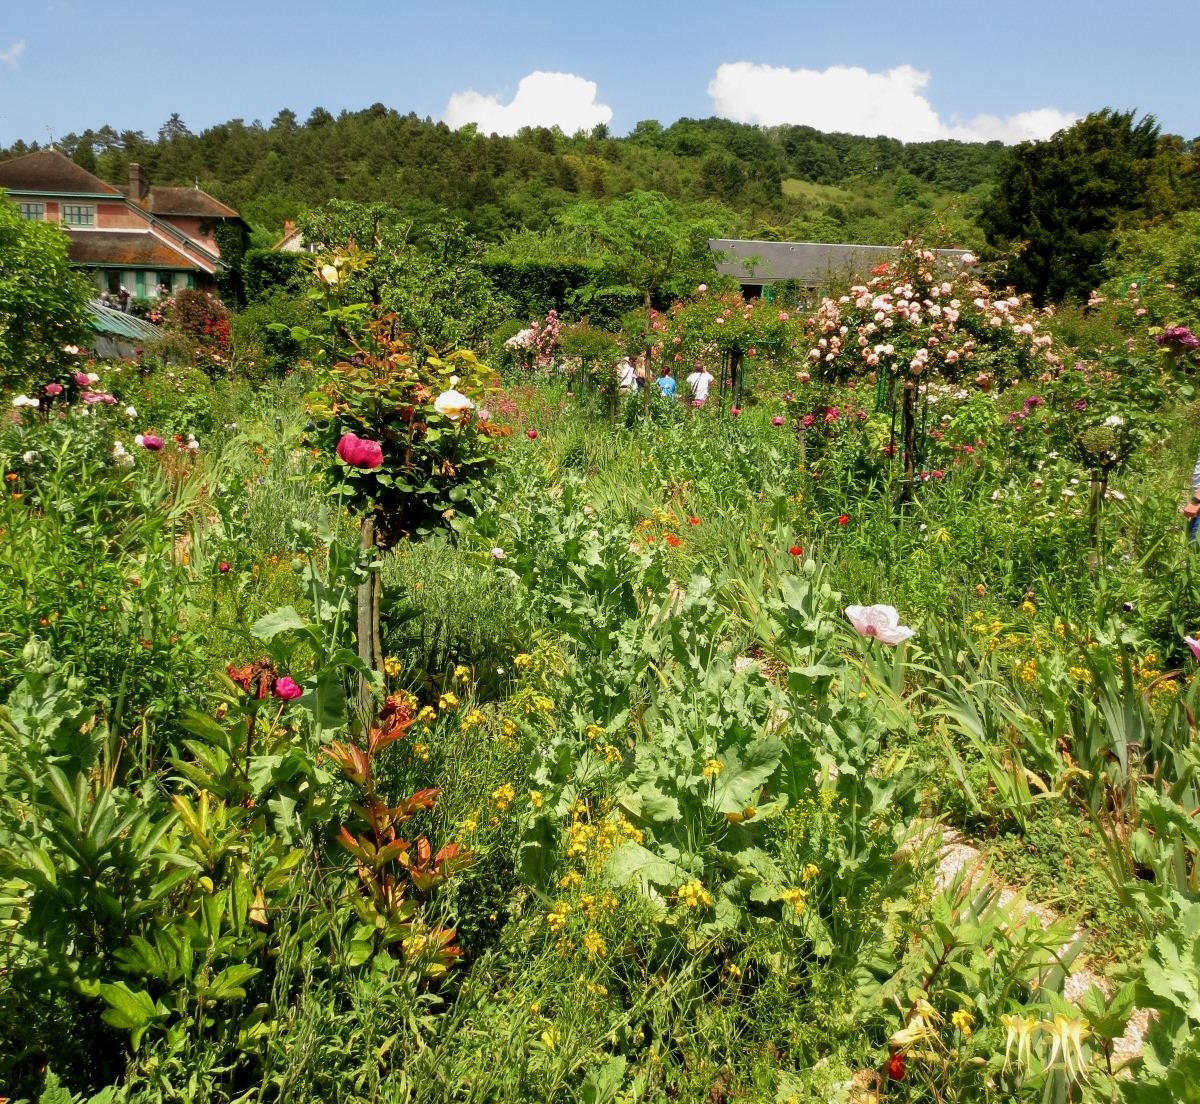 giverny-monet-garden-france-travelgrip- (4)